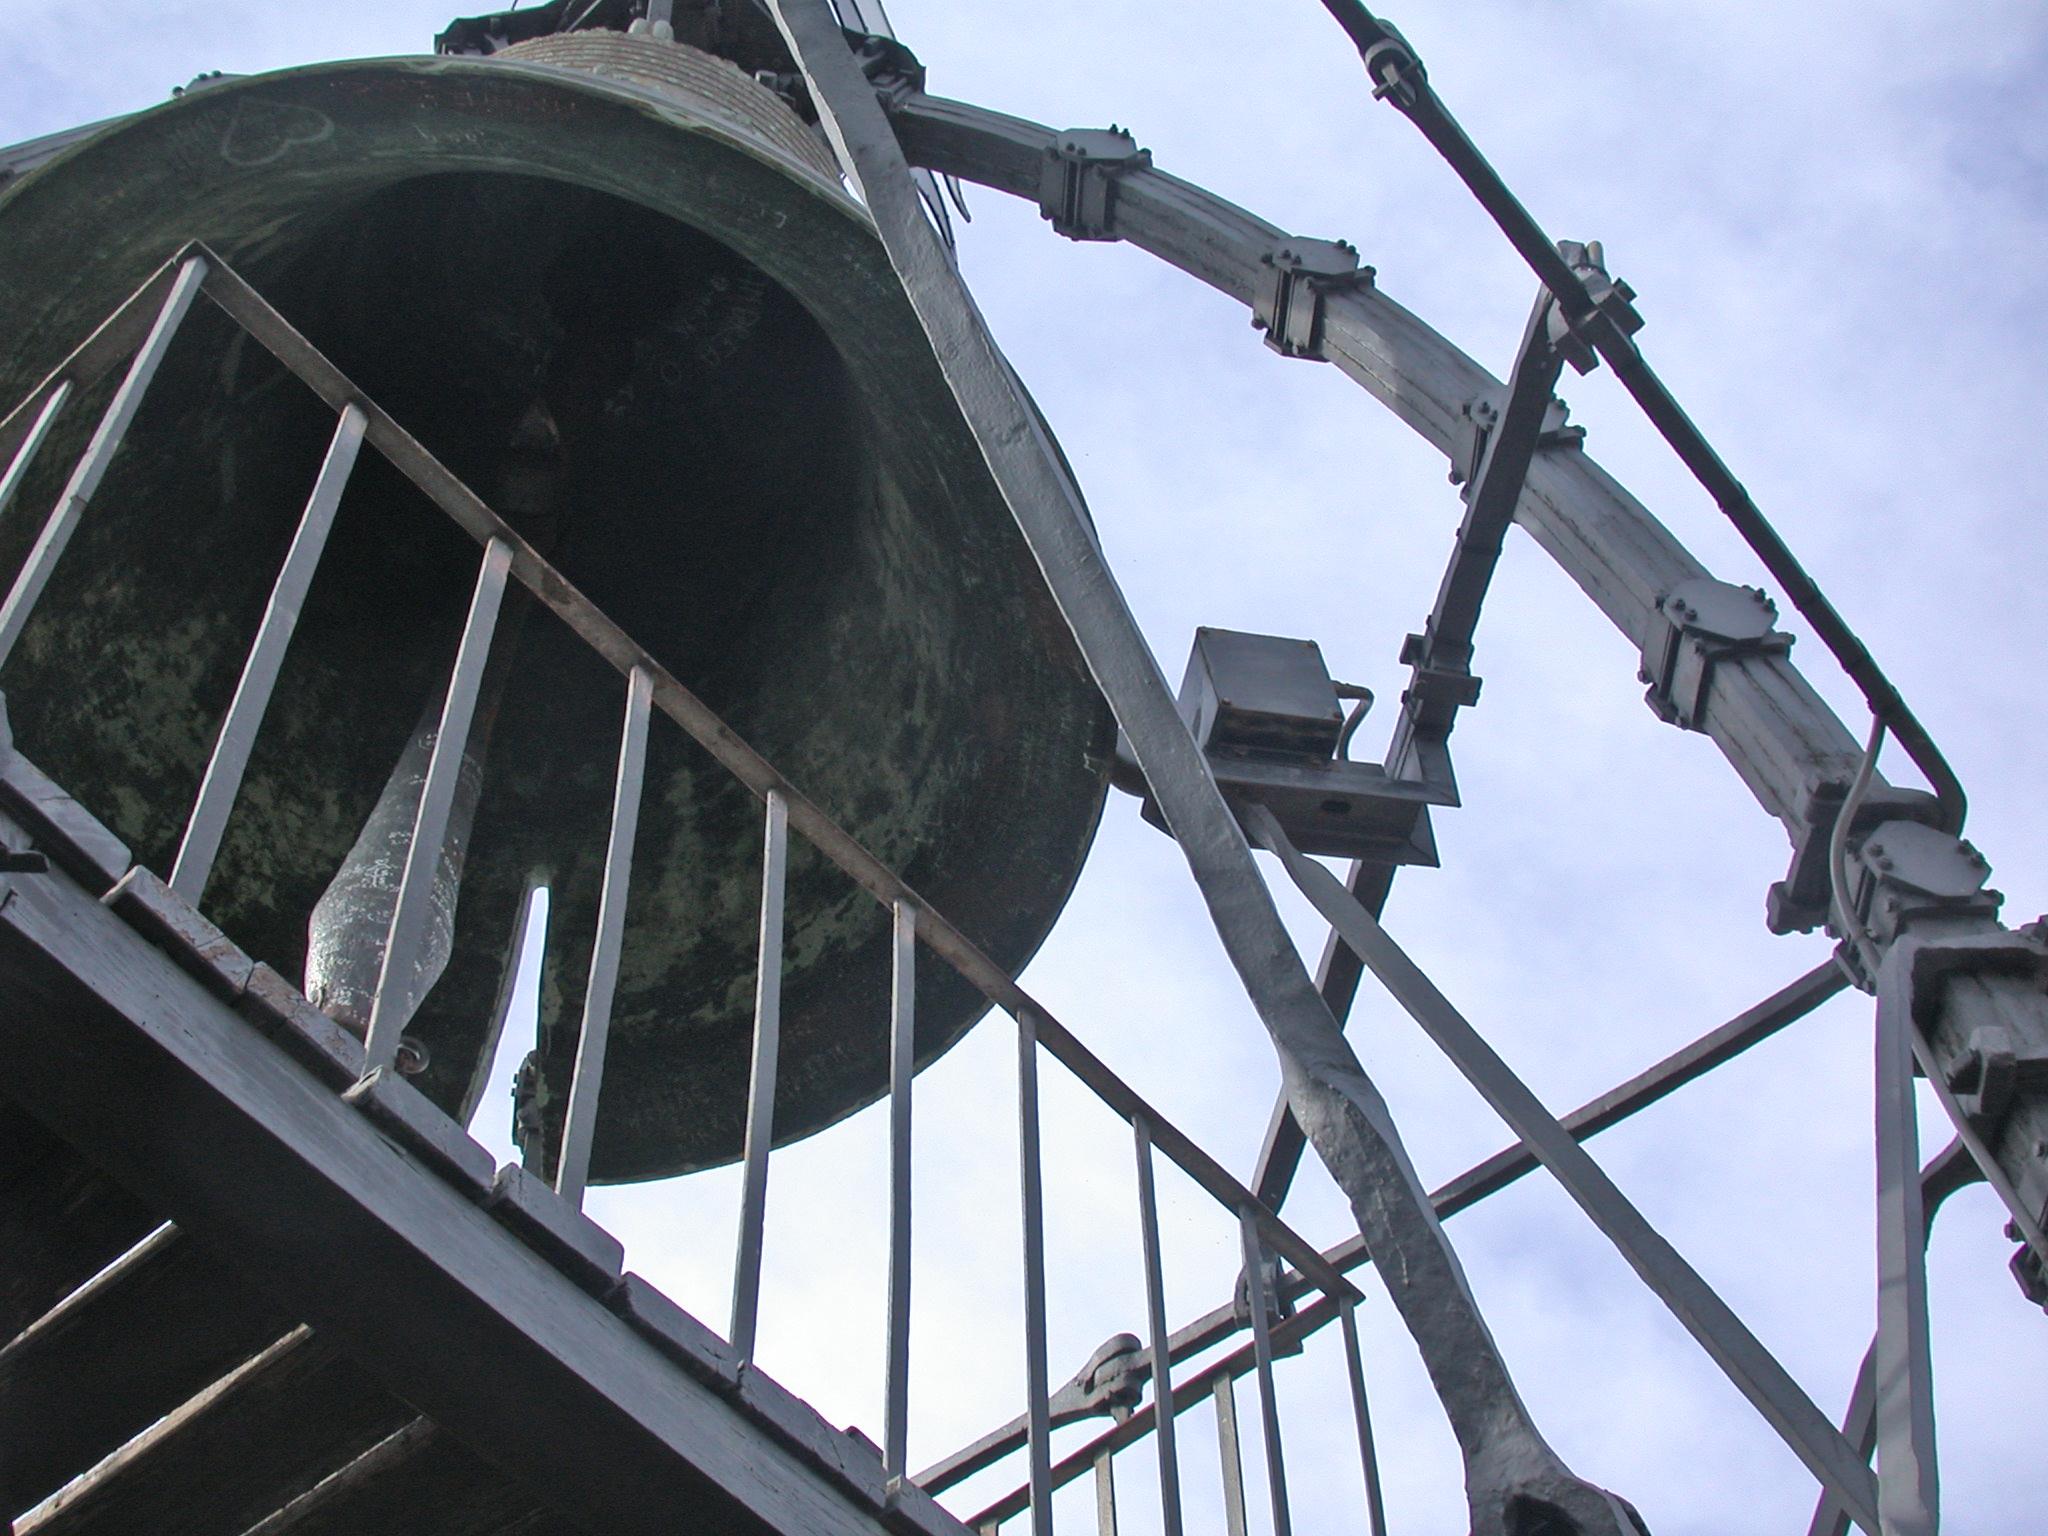 La campana della Torre del Mangia, Ph. MM Fonte wiki commons Pubblico dominio